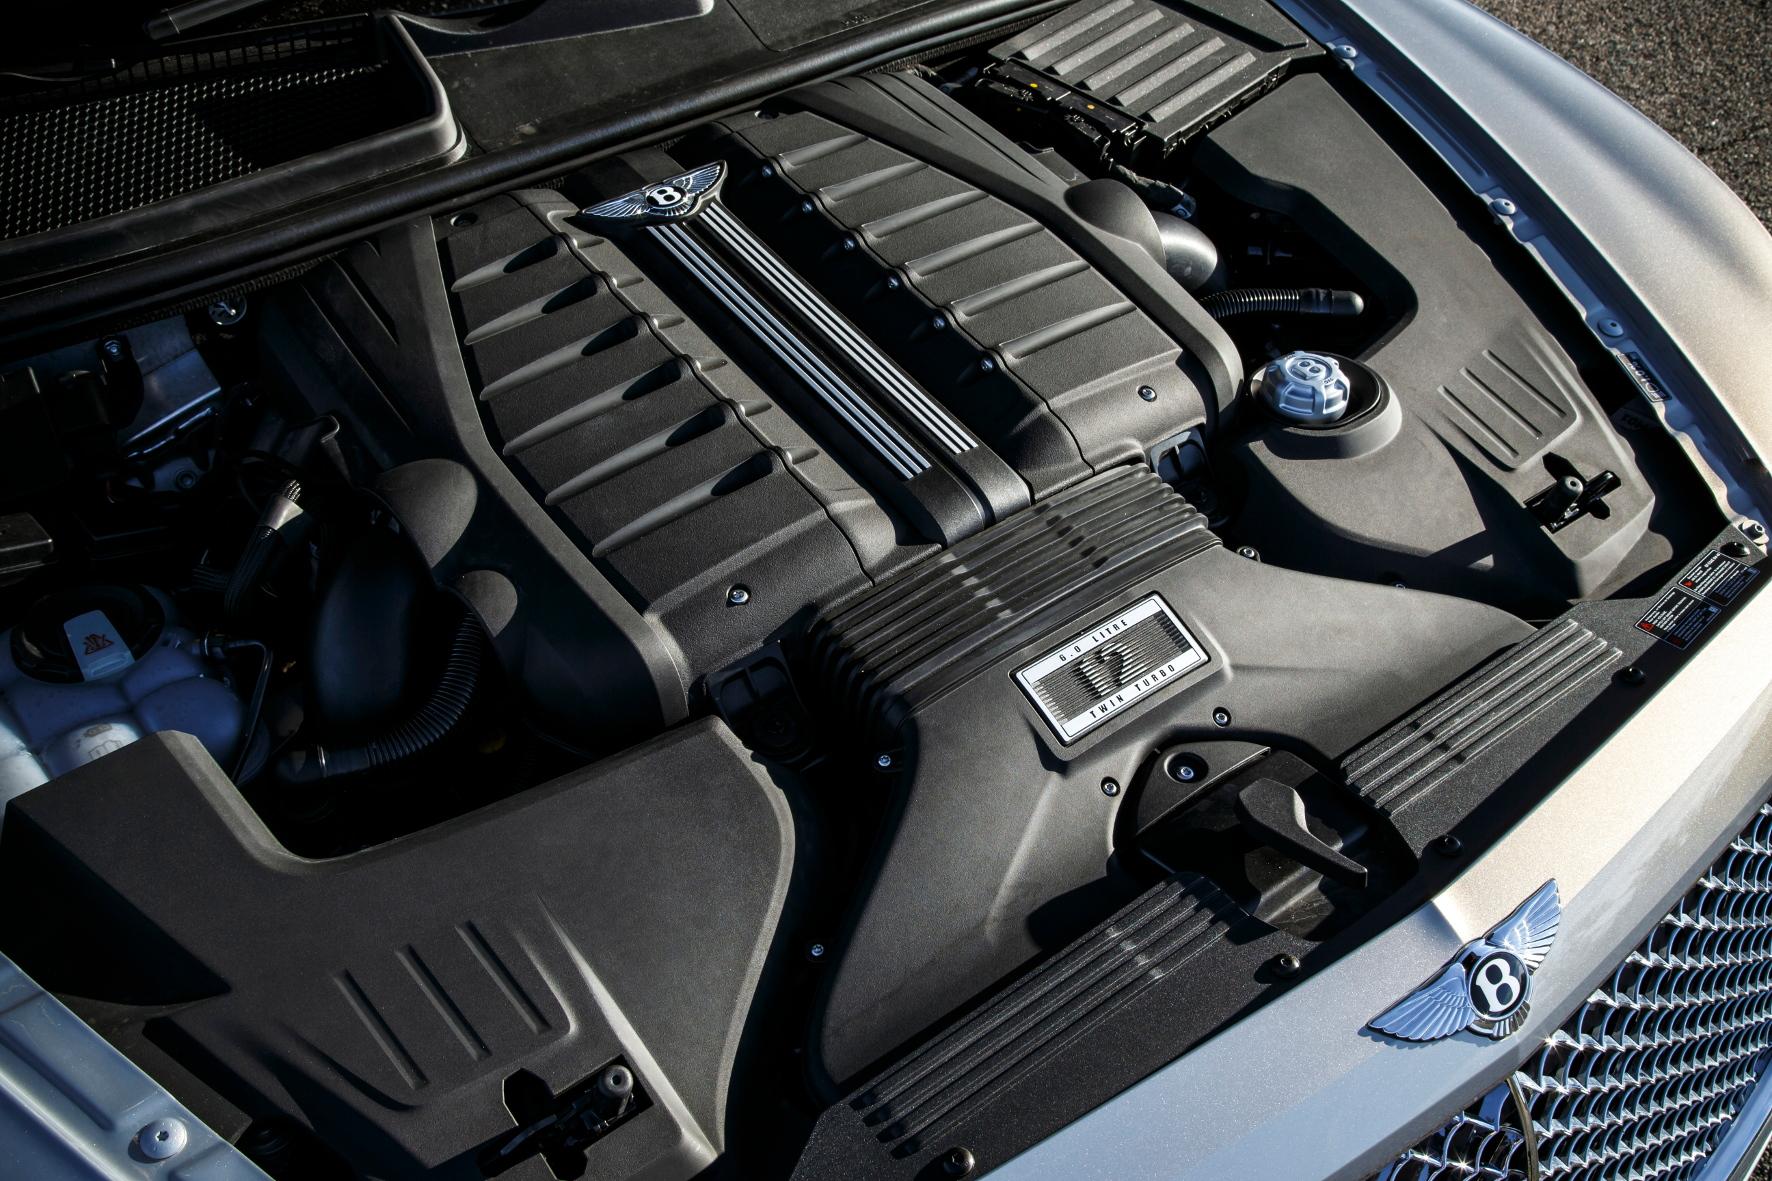 Kraftwerk: Das 6,0-Biturbo-W12-Aggregat des Bentley Bentayga leistet 608 PS und 900 Nm maximales Drehmoment.